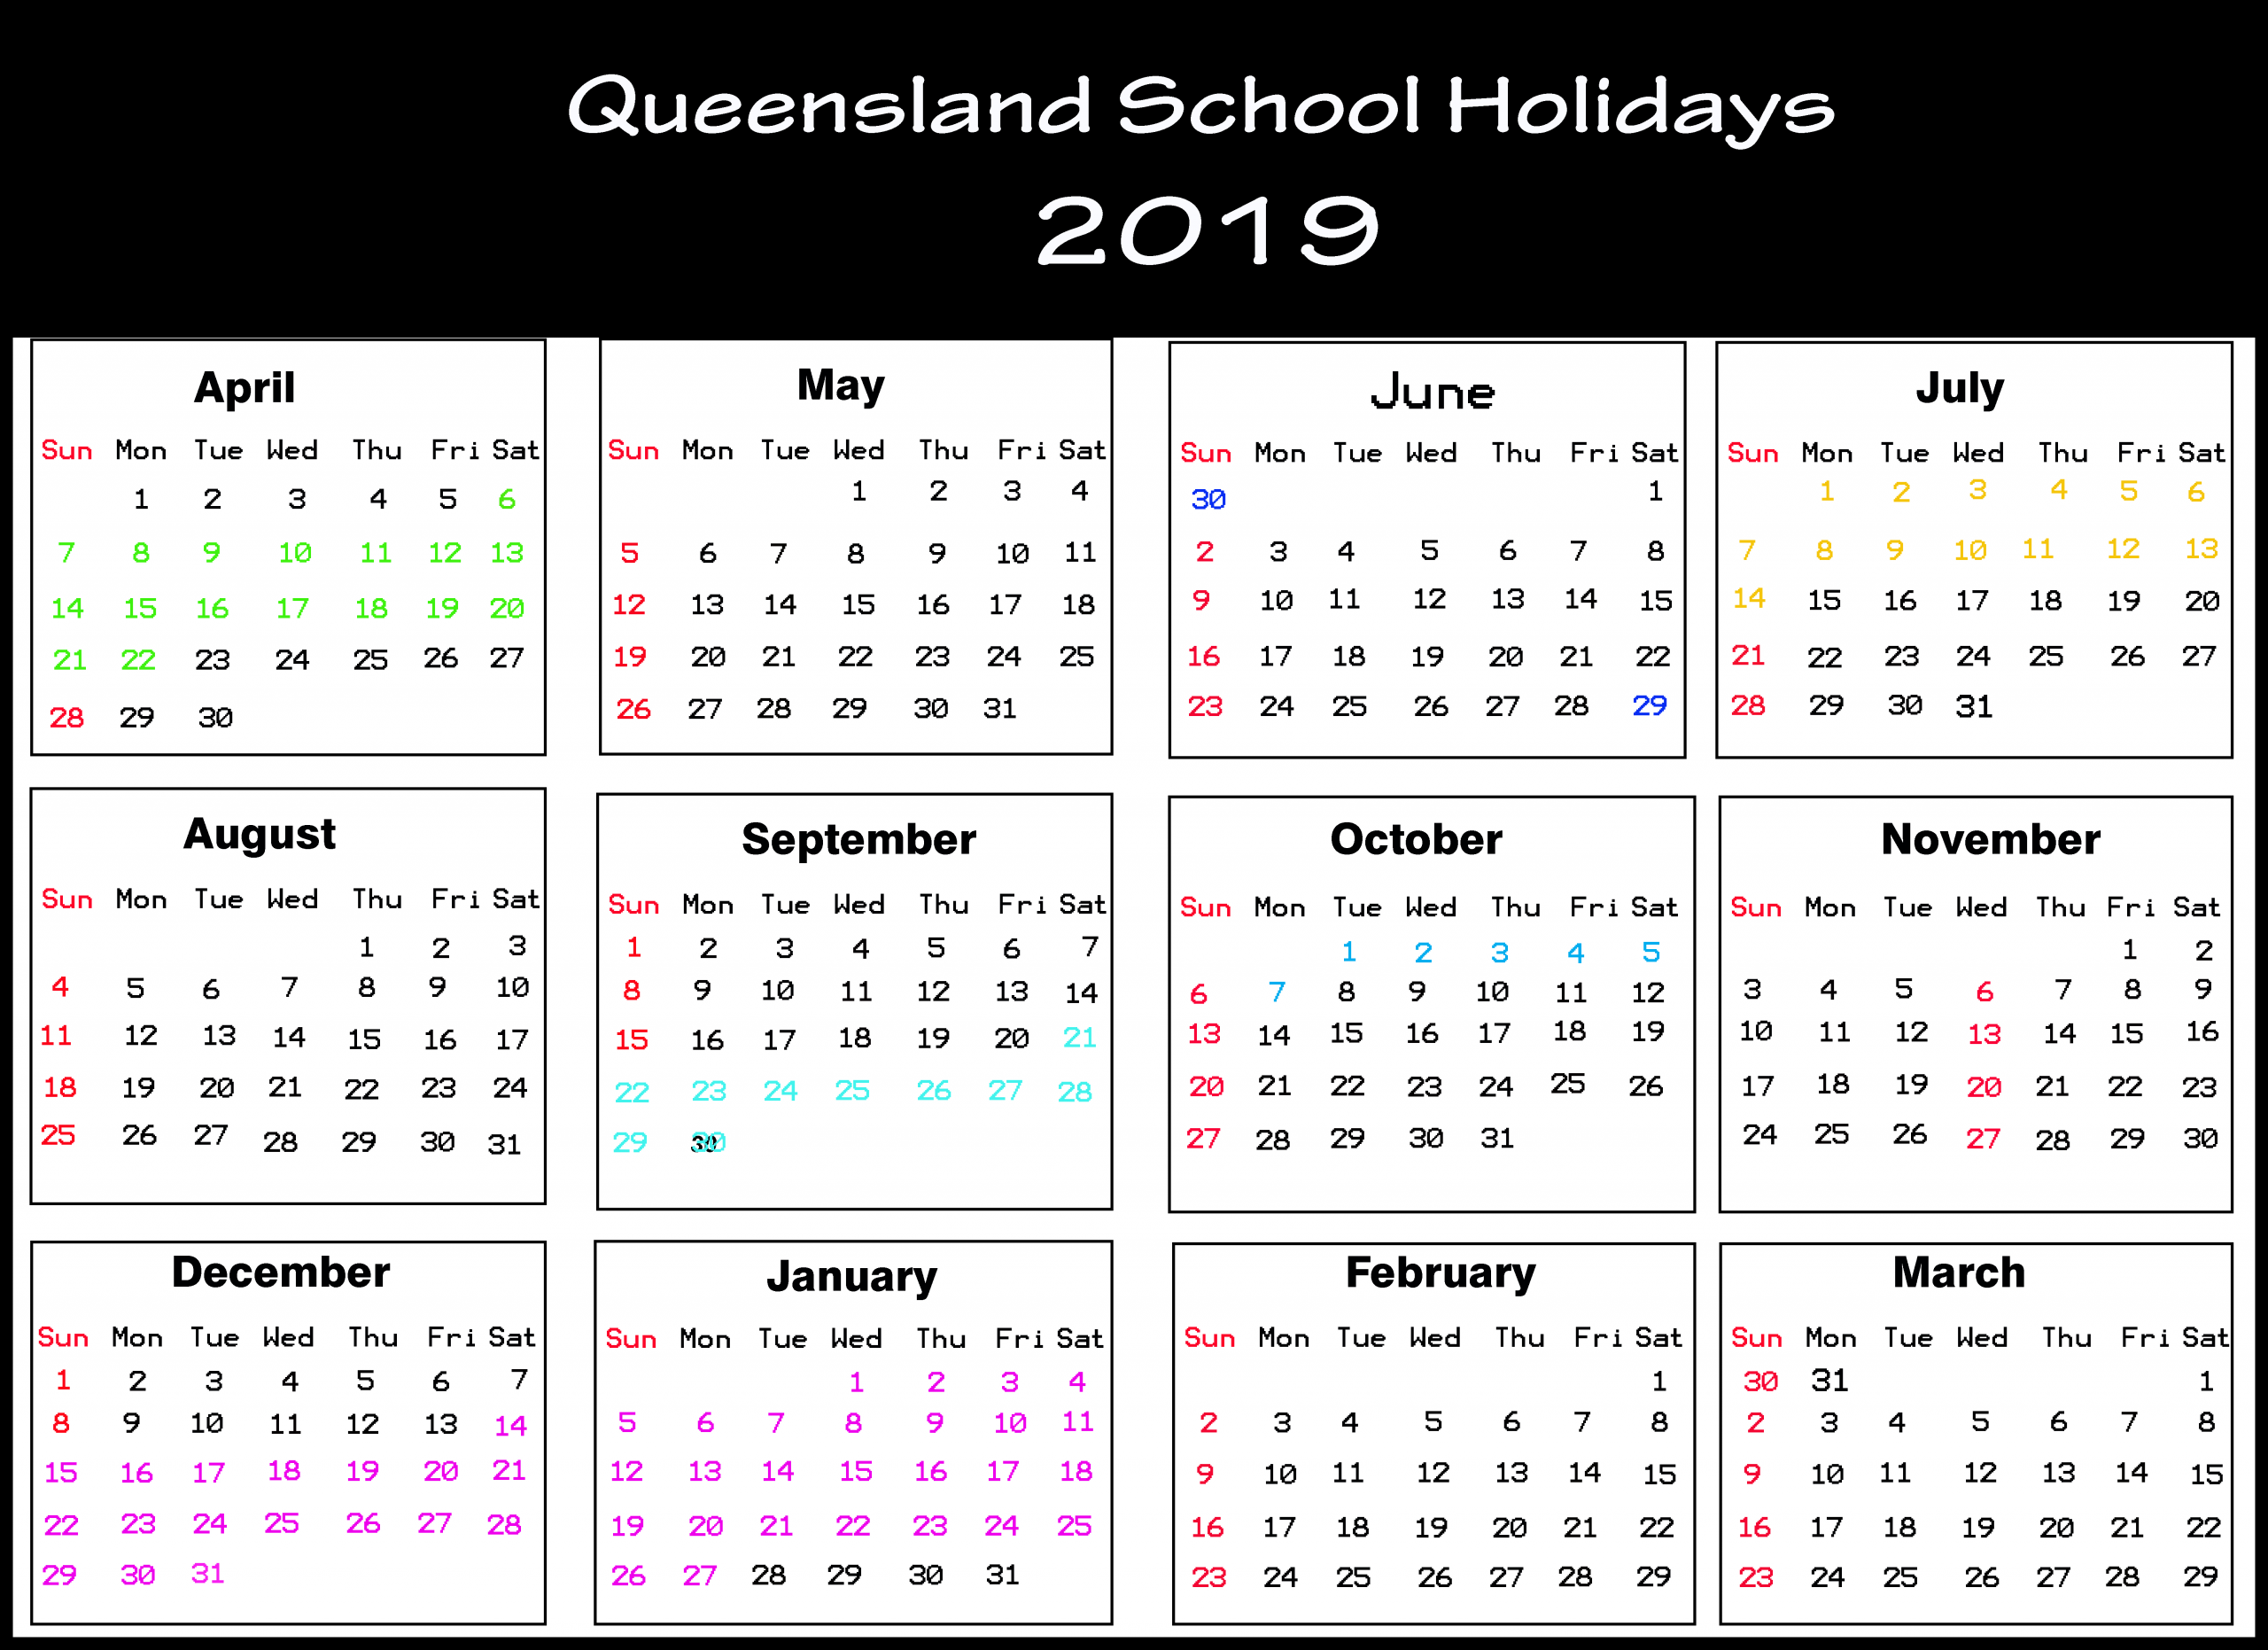 Qld School Calendar 2019 | Queensland (Qld) School Holidays